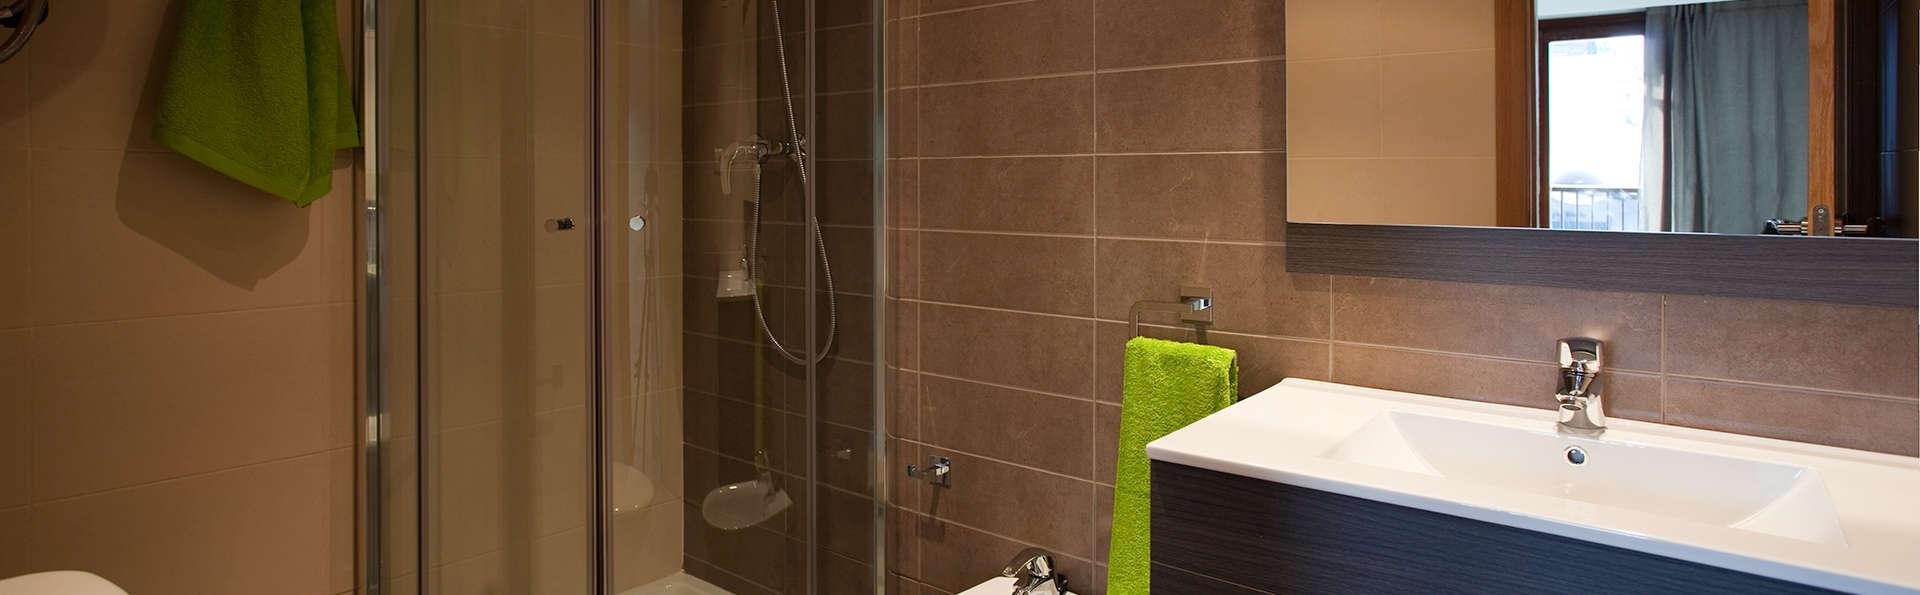 Pio XII Apartments - EDIT_apartmento_Bano.jpg